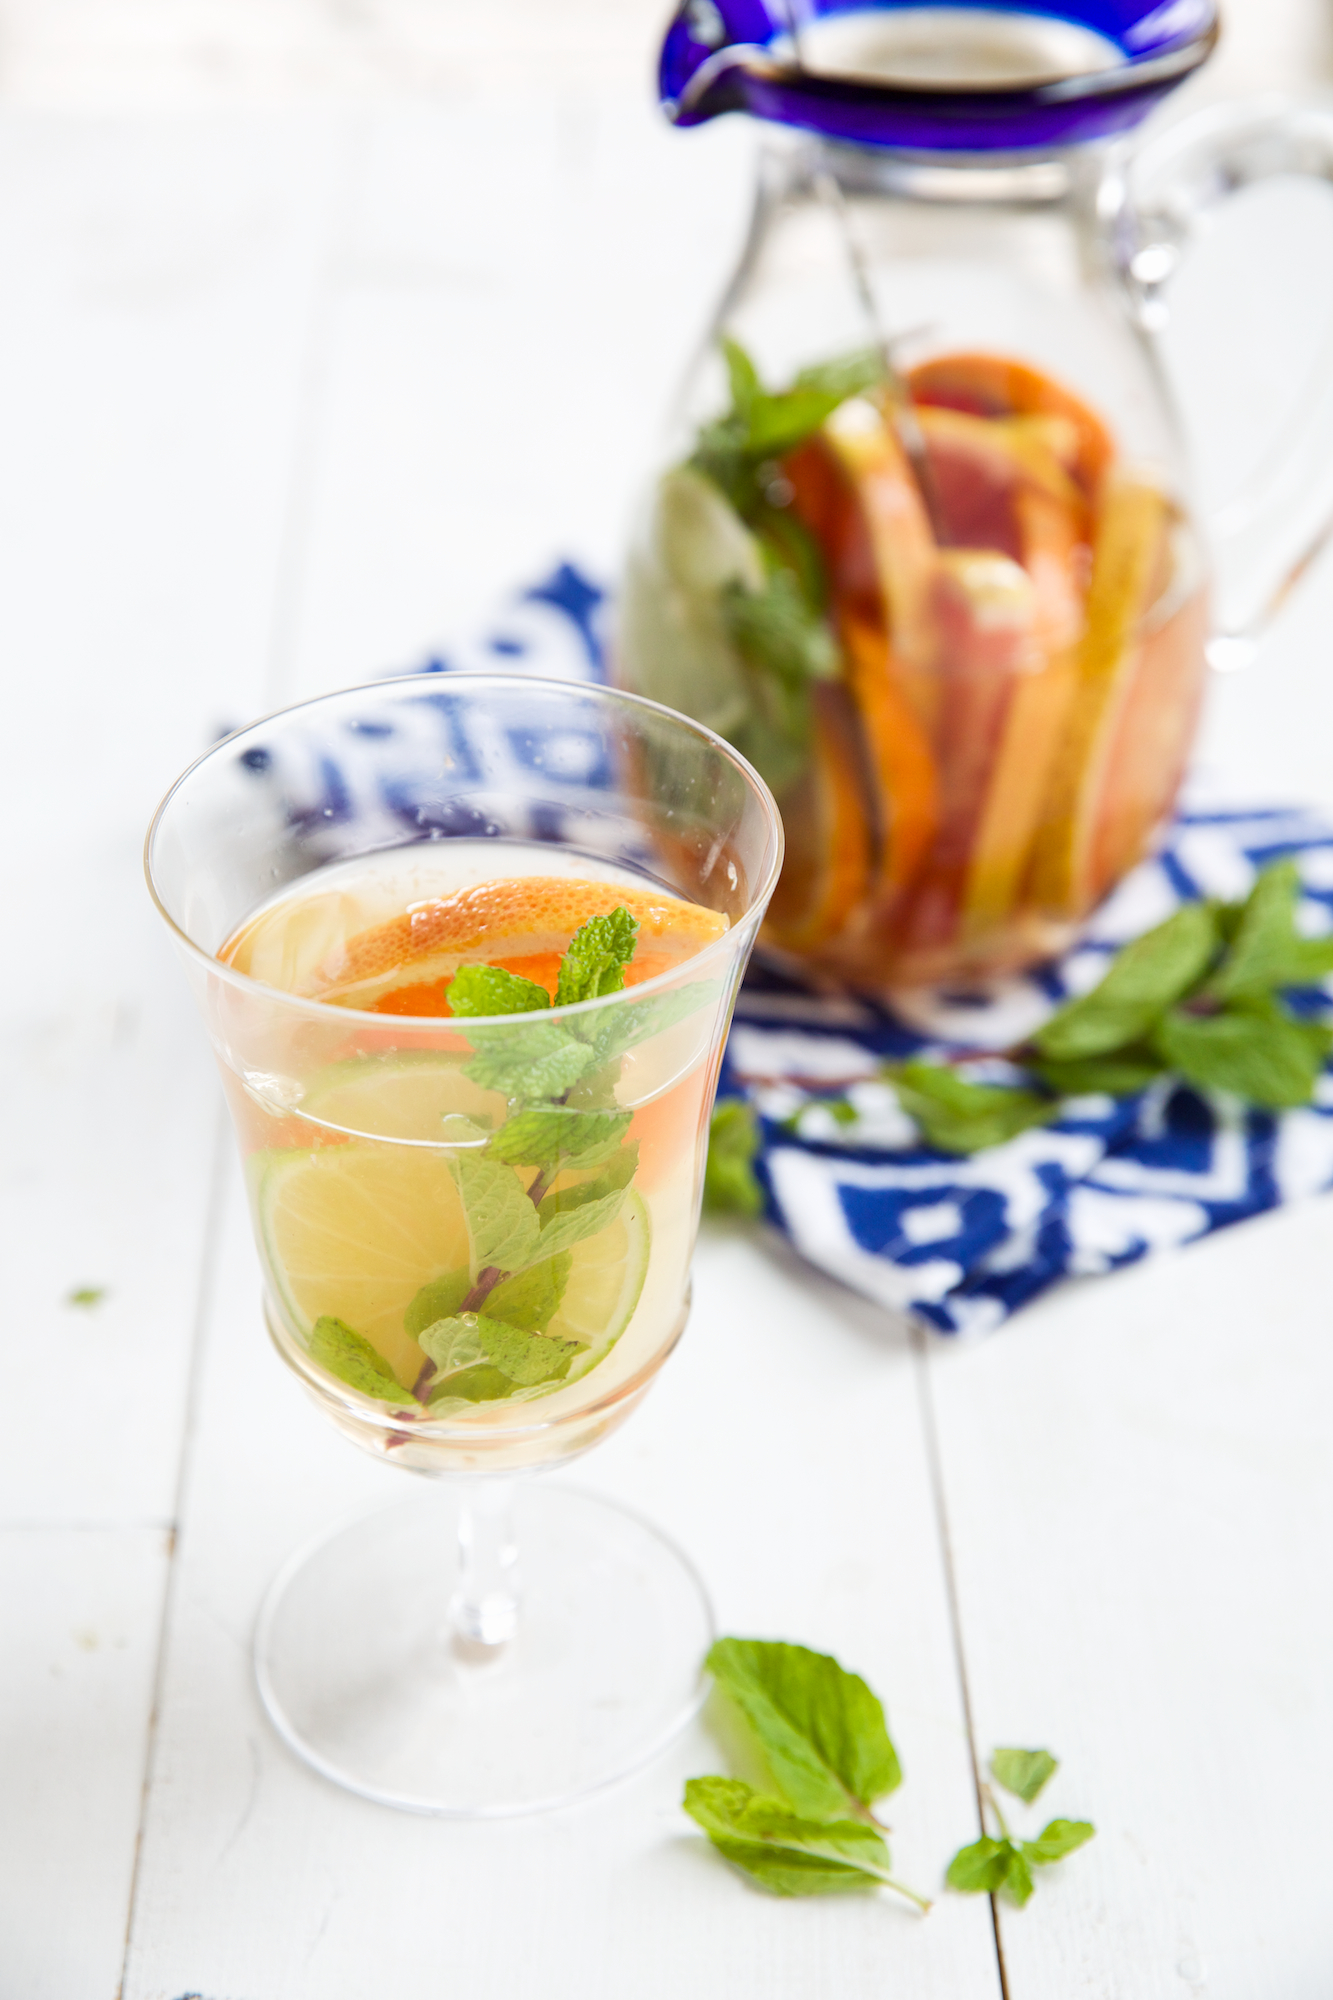 Citrus-Mint Sangria